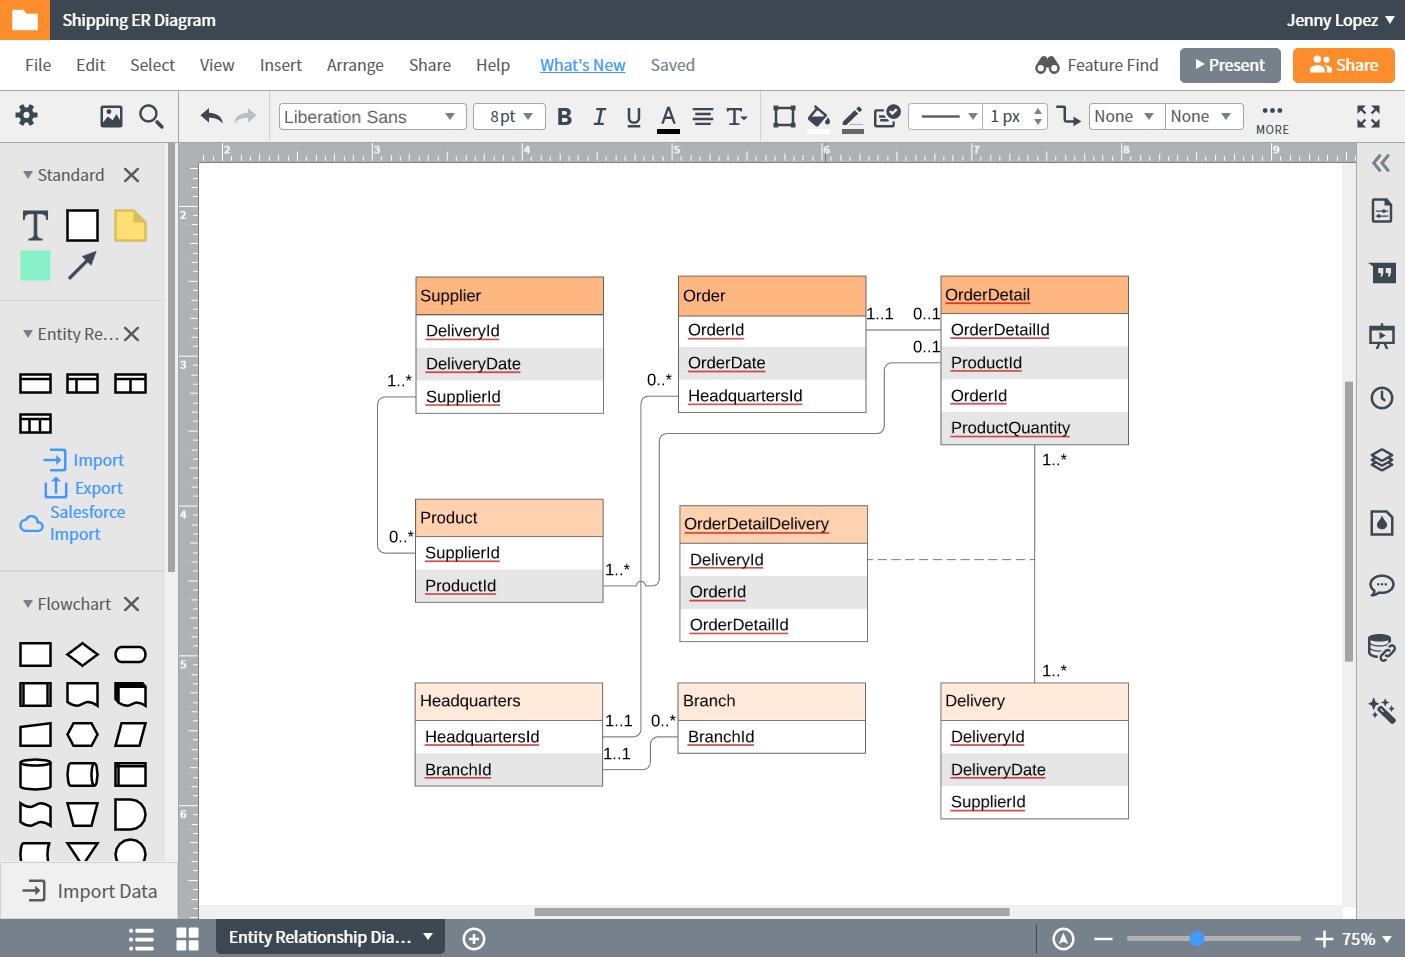 Er Diagram (Erd) Tool | Lucidchart with regard to Erd Drawing Tool